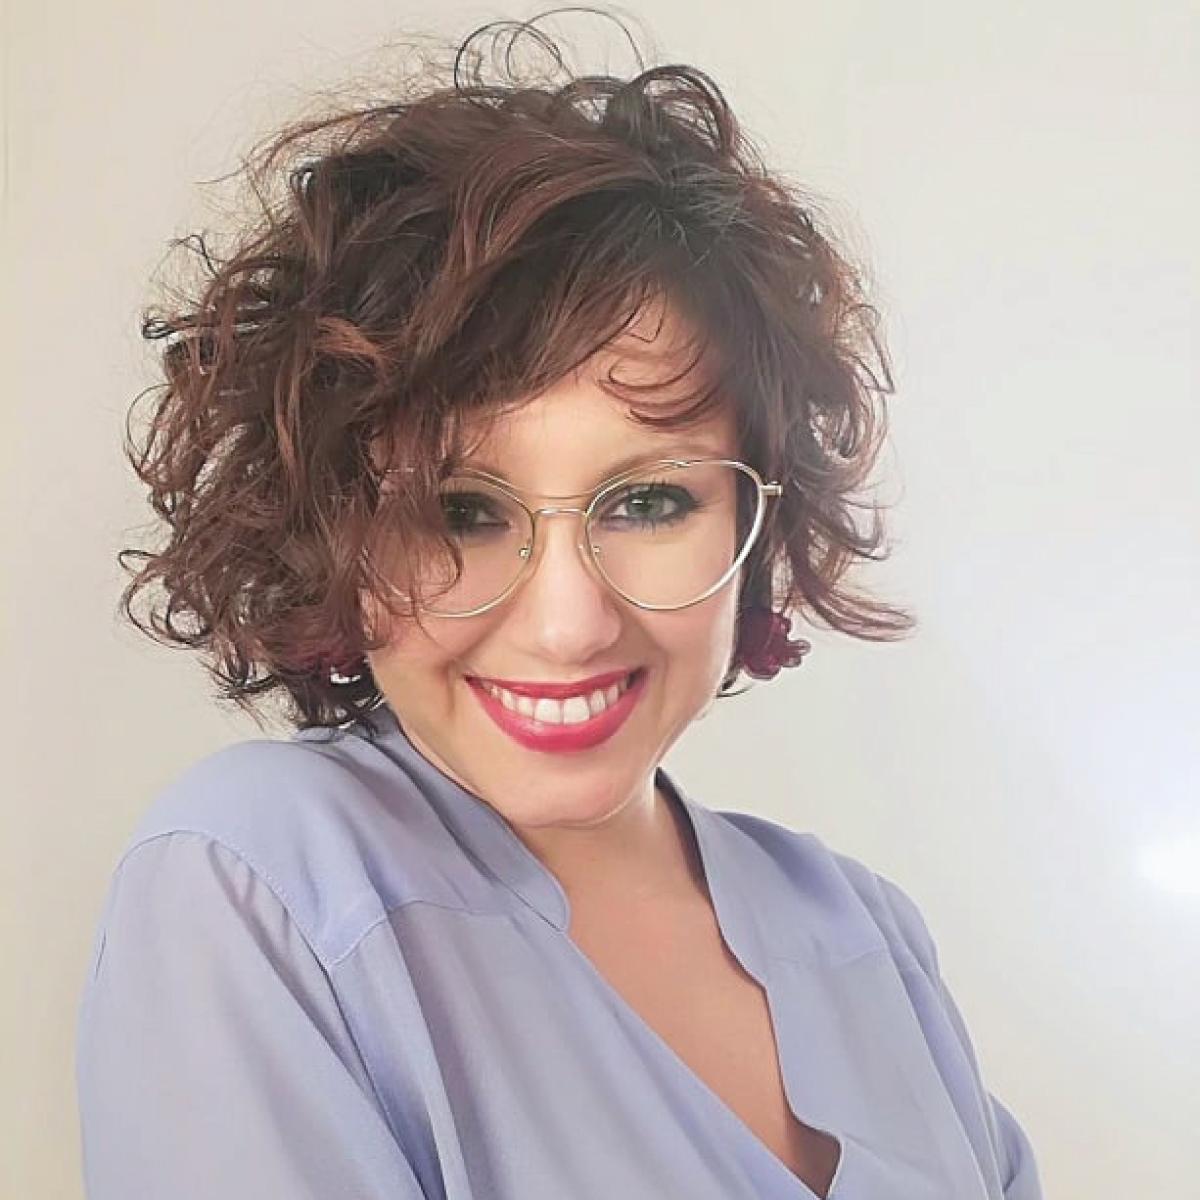 Stefania Curci, psicologa, psicoterapeuta e make-up artist Belle da vivere #IDEATTIVA